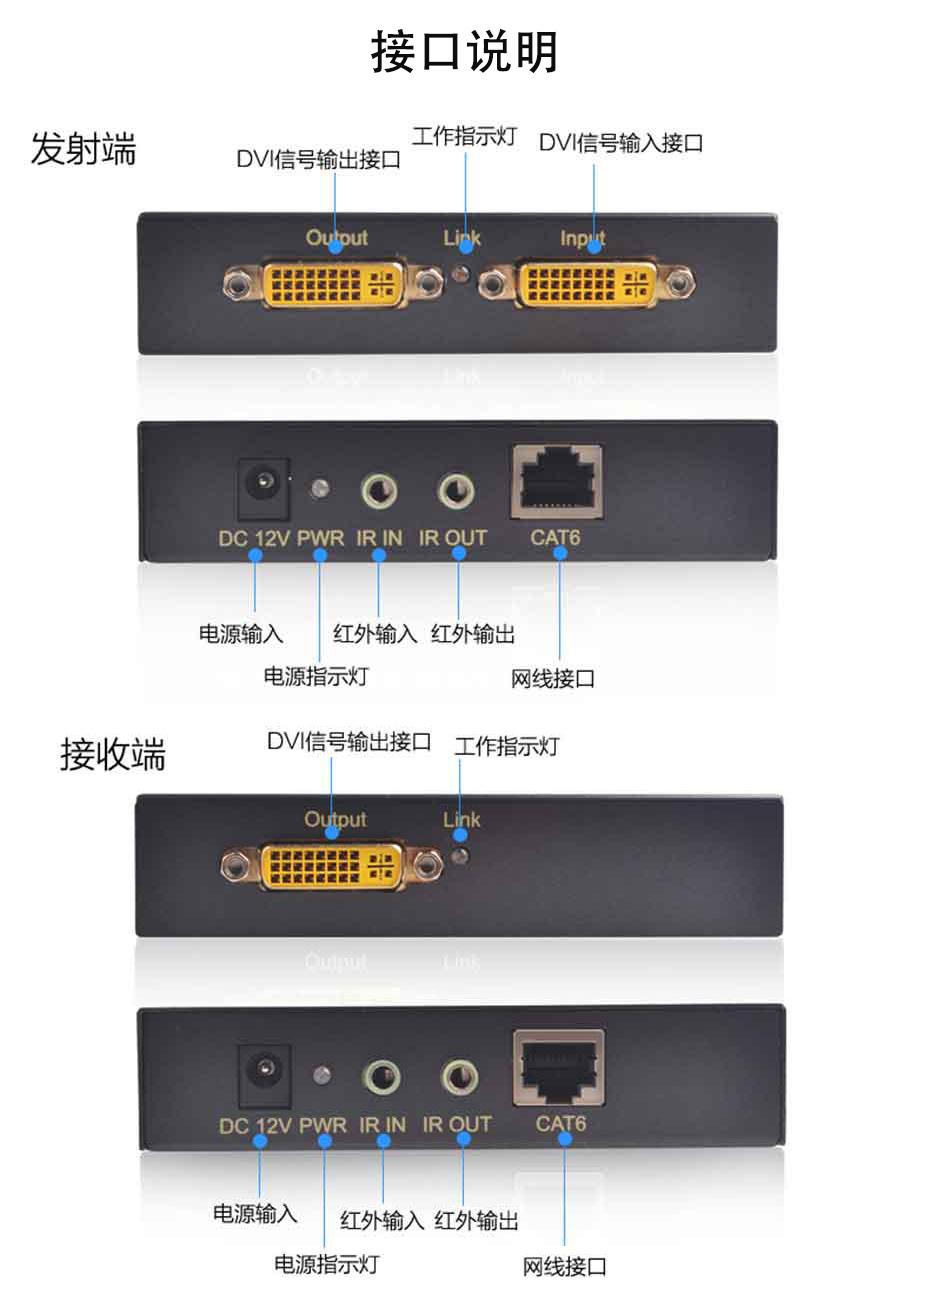 DVI延长器DE60接口说明